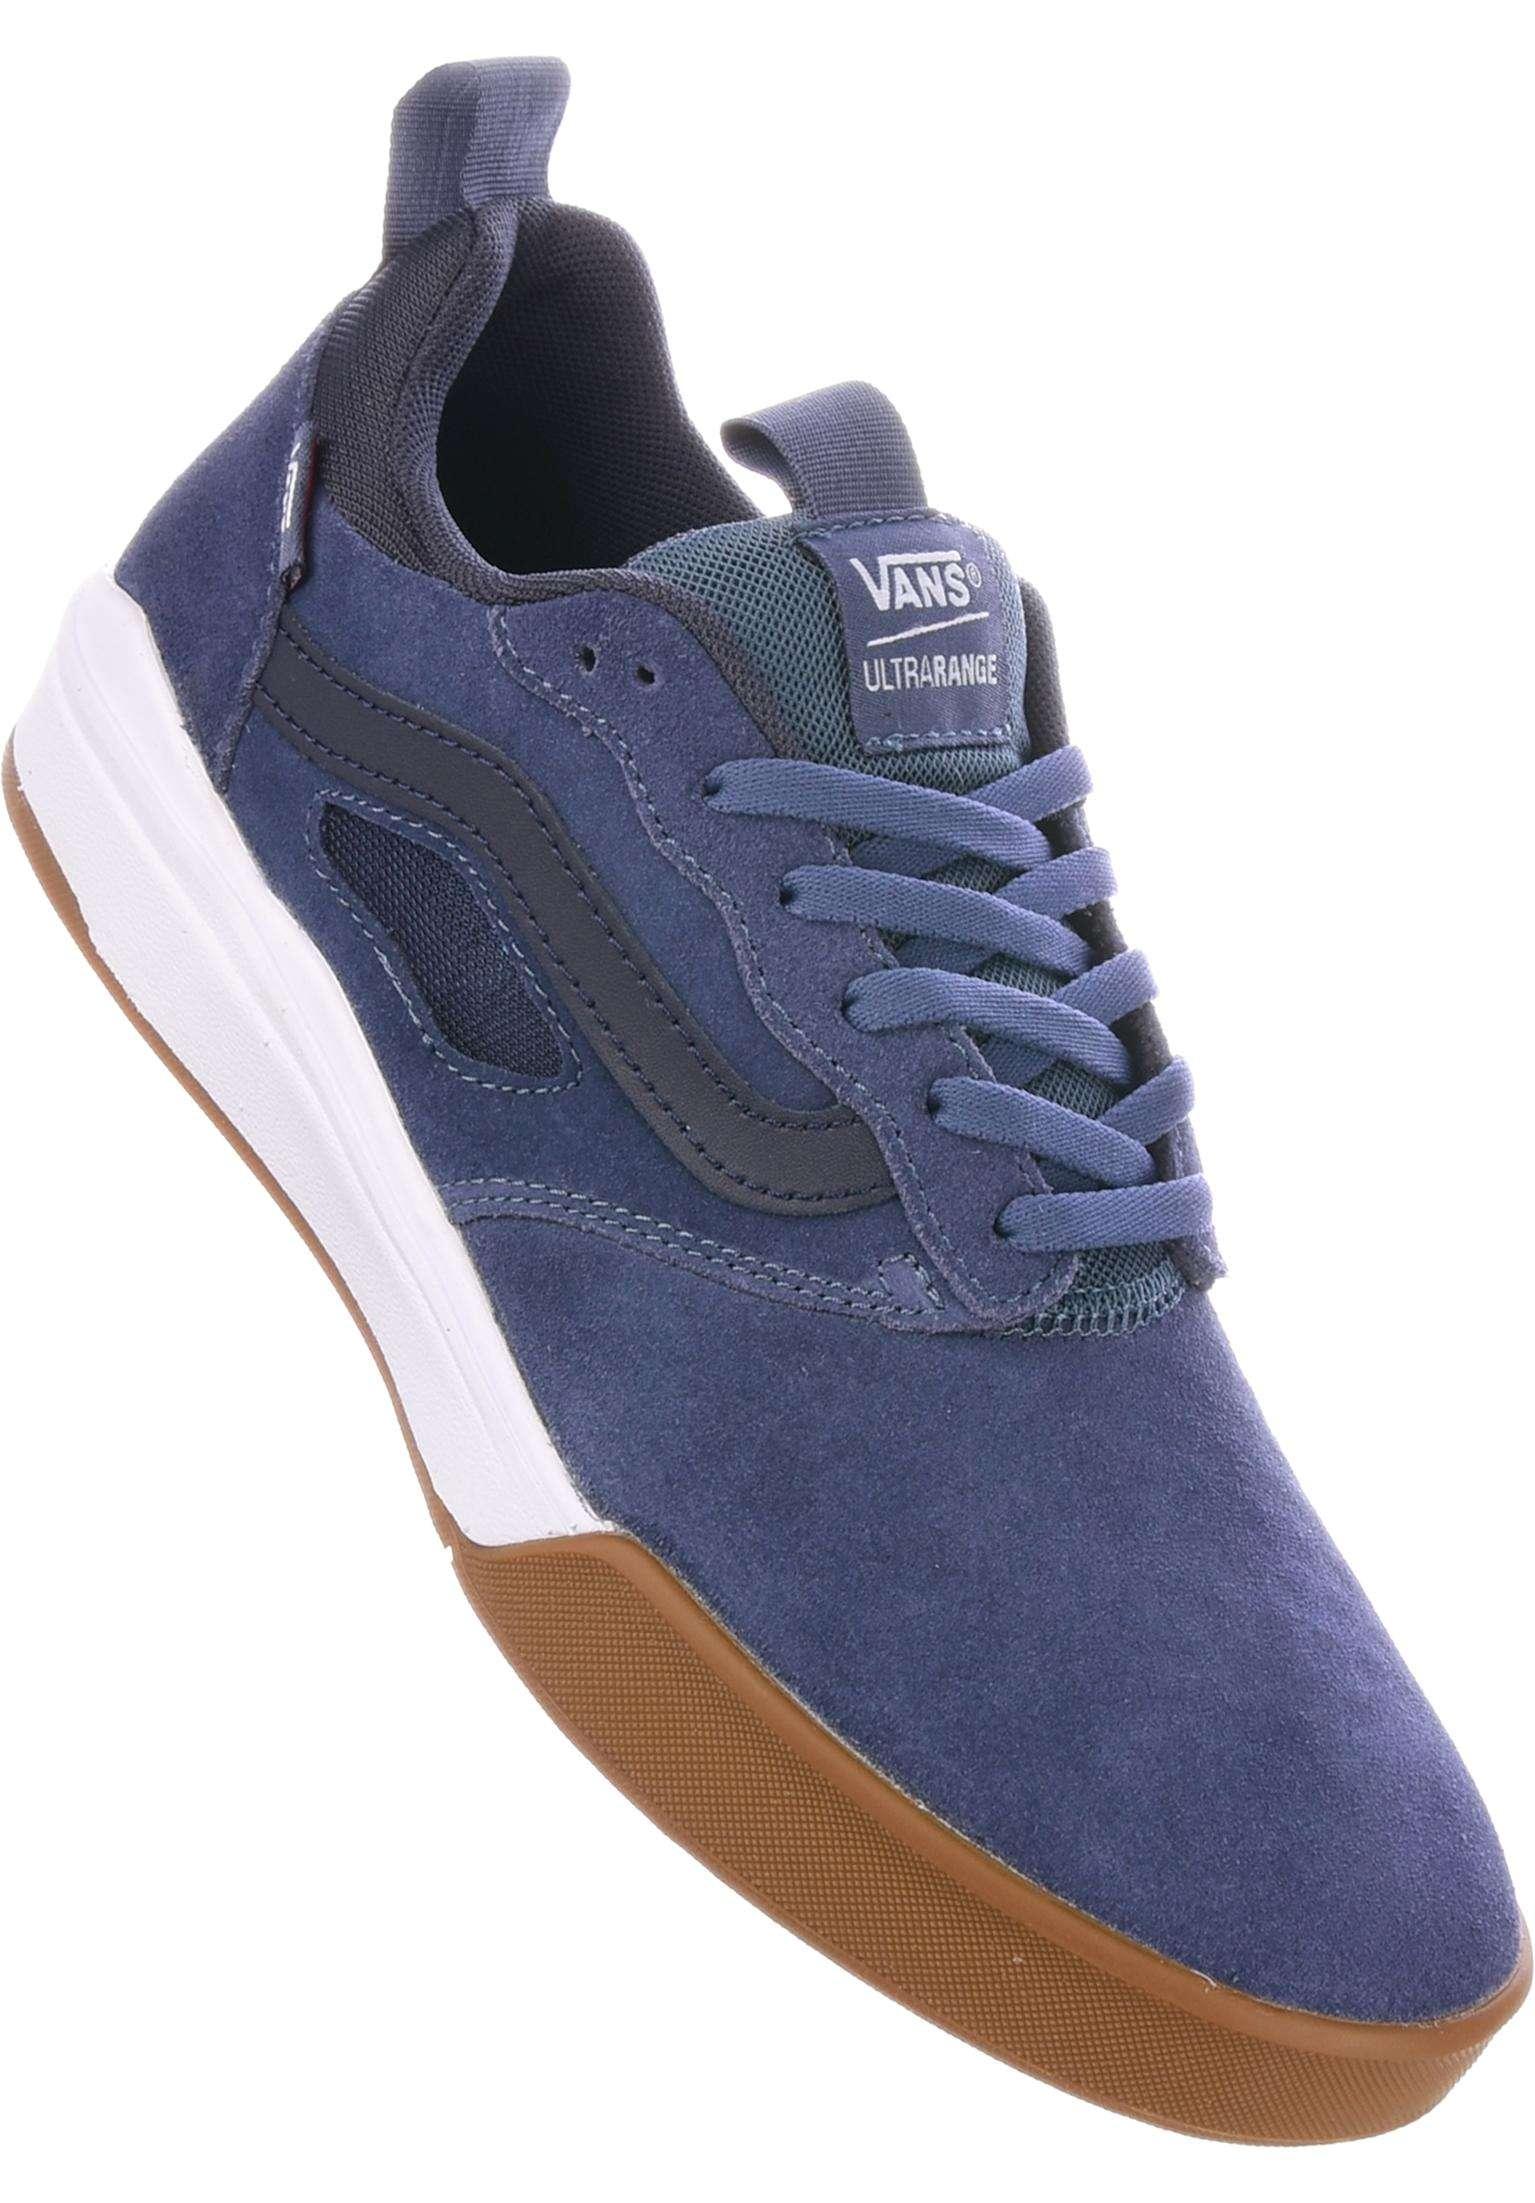 2535907885 UltraRange Pro Vans All Shoes in vintageindigo-gum-white for Men